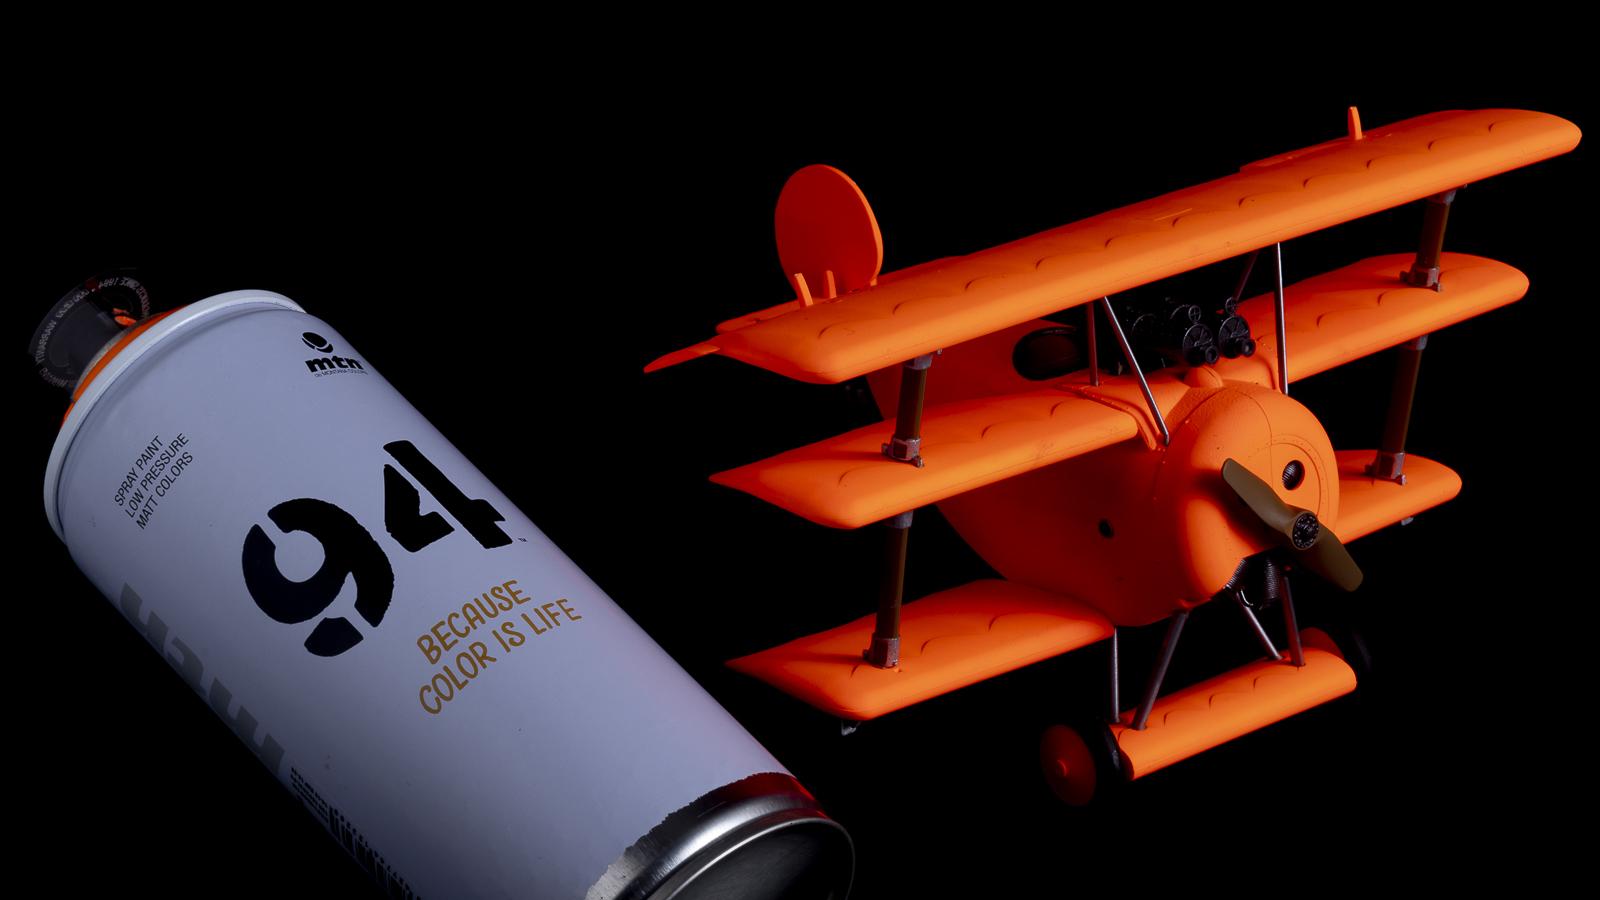 上海発、インディーズプラモメーカーの飛行機模型に痺れた話_b0029315_20102701.jpg